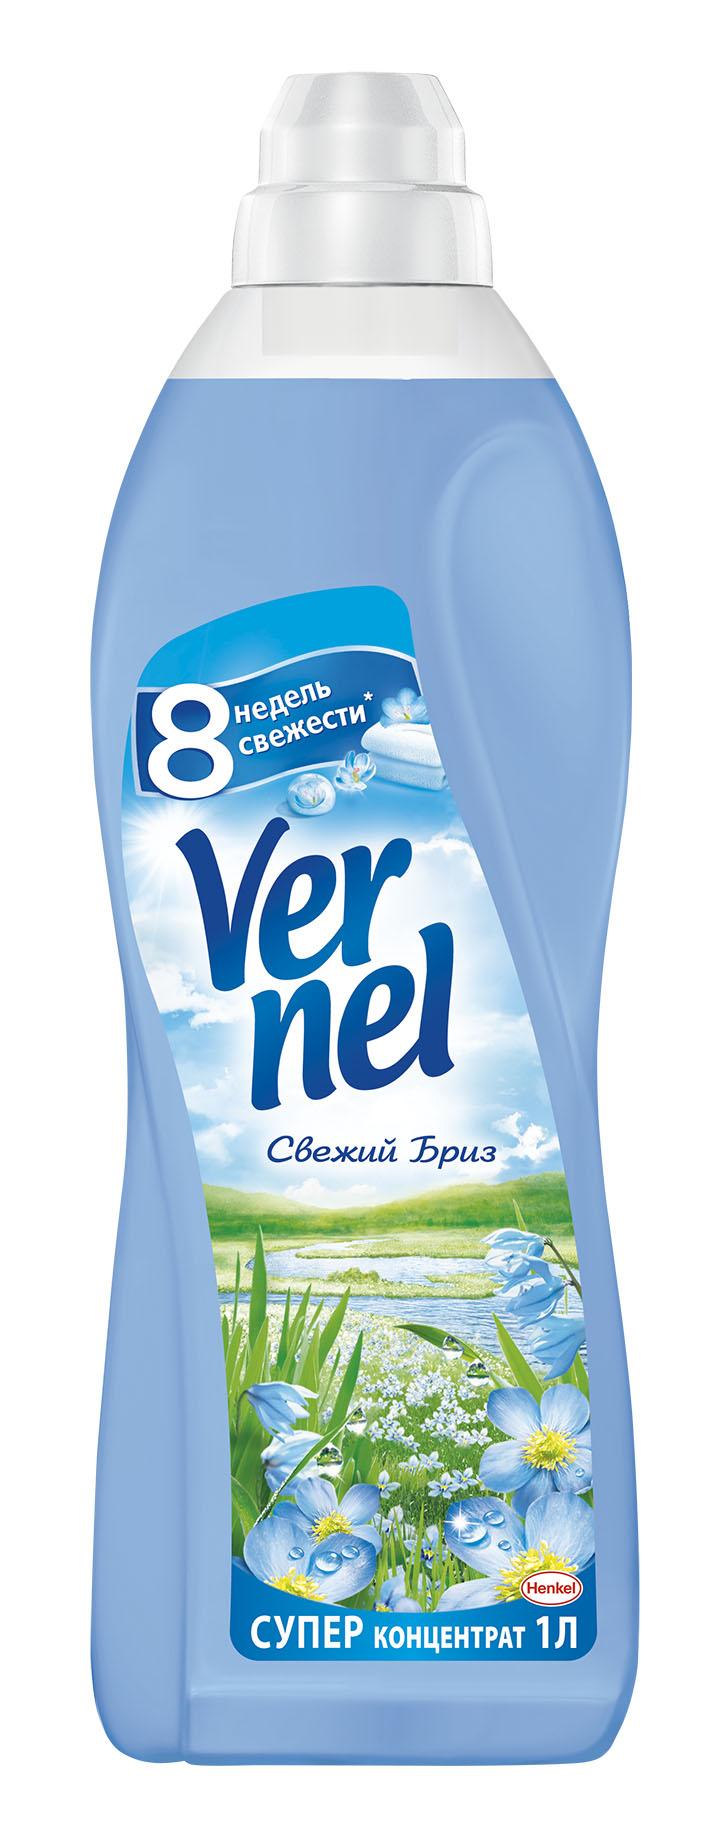 Кондиционер для белья Vernel Свежий Бриз 1л904662С новой Классической линейкой Vernel свежесть белья длится до 8 недель. Новая формула Vernel обогащена аромакапсулами, которые обеспечивают длительную свежесть. Более того, кондиционеры для белья Vernel придают белью невероятную мягкость, такую же приятную, как и ее запах.Свойства кондиционера для белья Vernel:1. Придает мягкость2. Придает приятный аромат3. Обладает антистатическим эффектом4. Облегчает глажениеДо 8 недель свежести при условии хранения белья без использования благодаря аромакапсуламСостав: Состав: 5-15% катионные ПАВ; Товар сертифицирован.